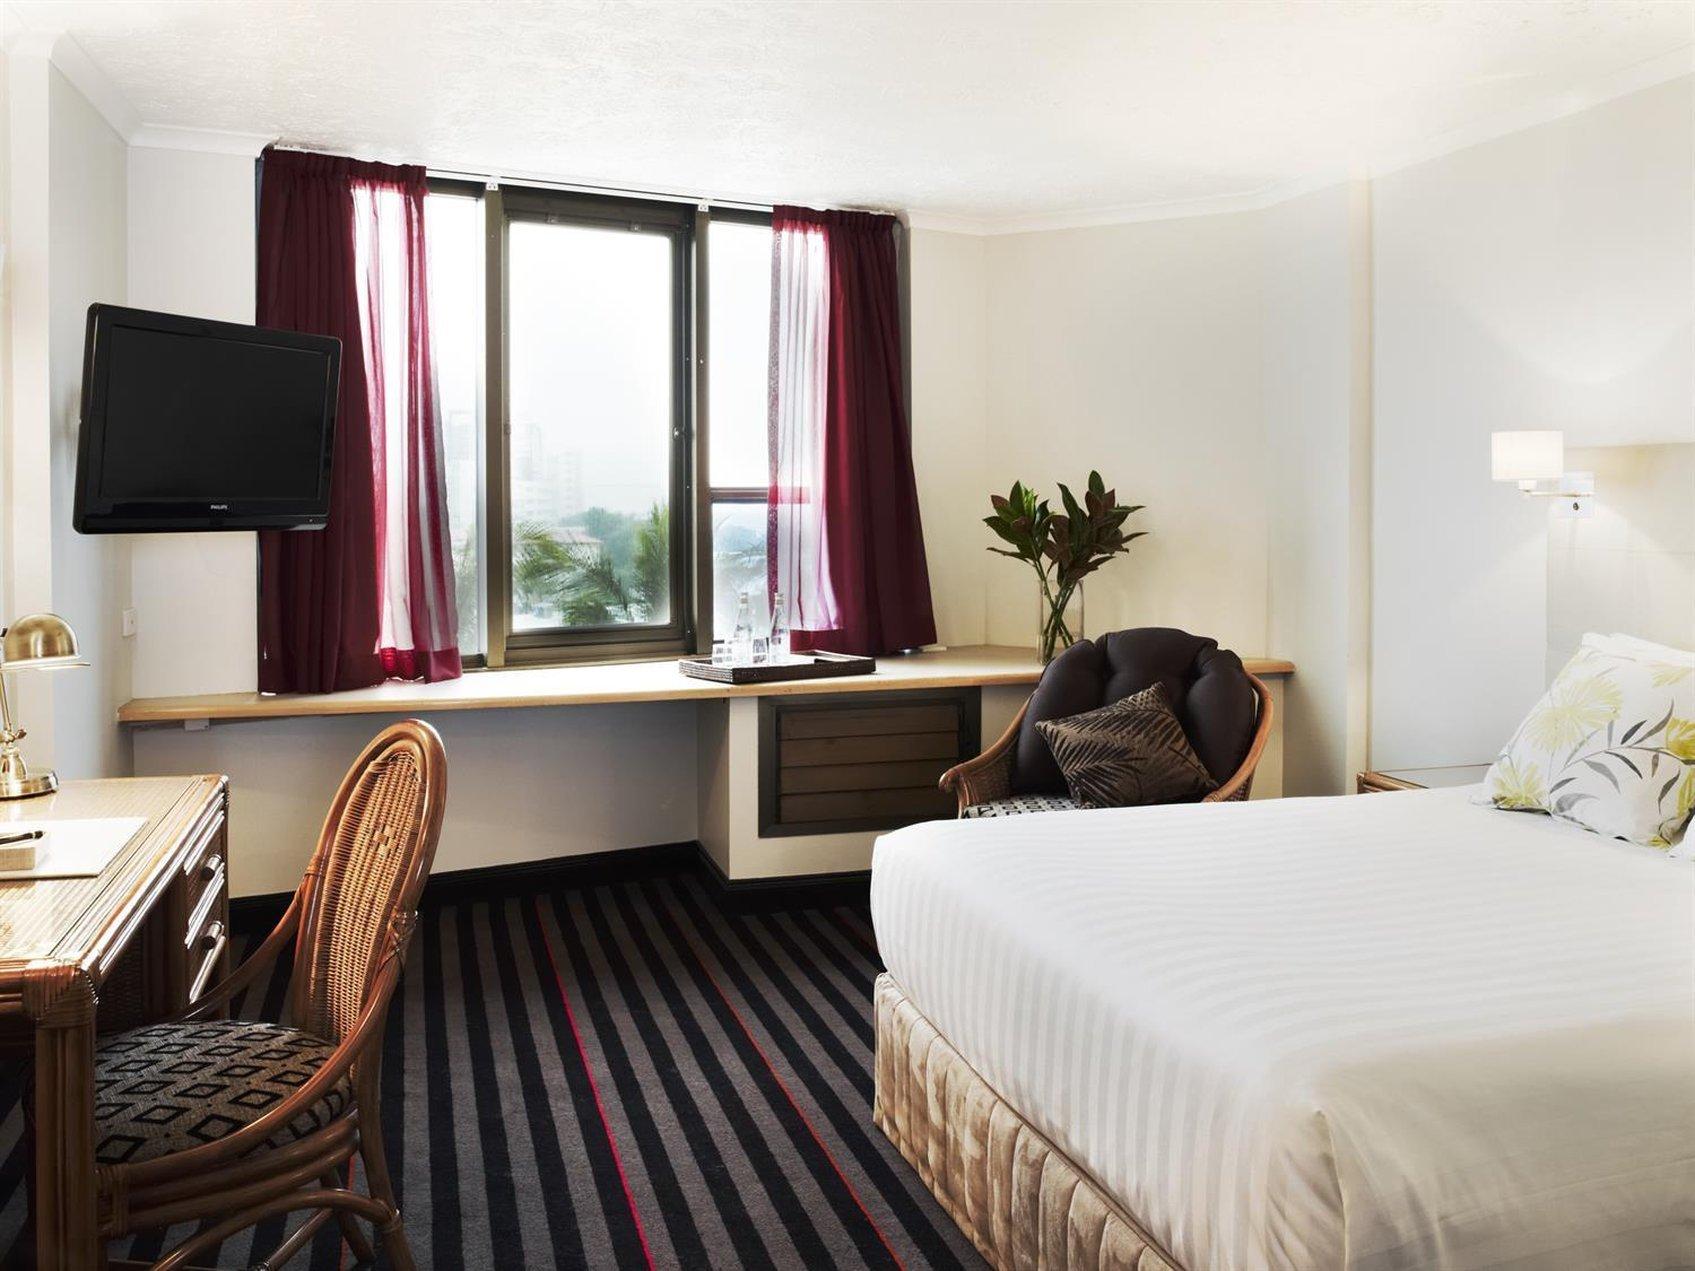 โรงแรมริดเจสเซาท์แบงค์ ทาวน์สวิลล์